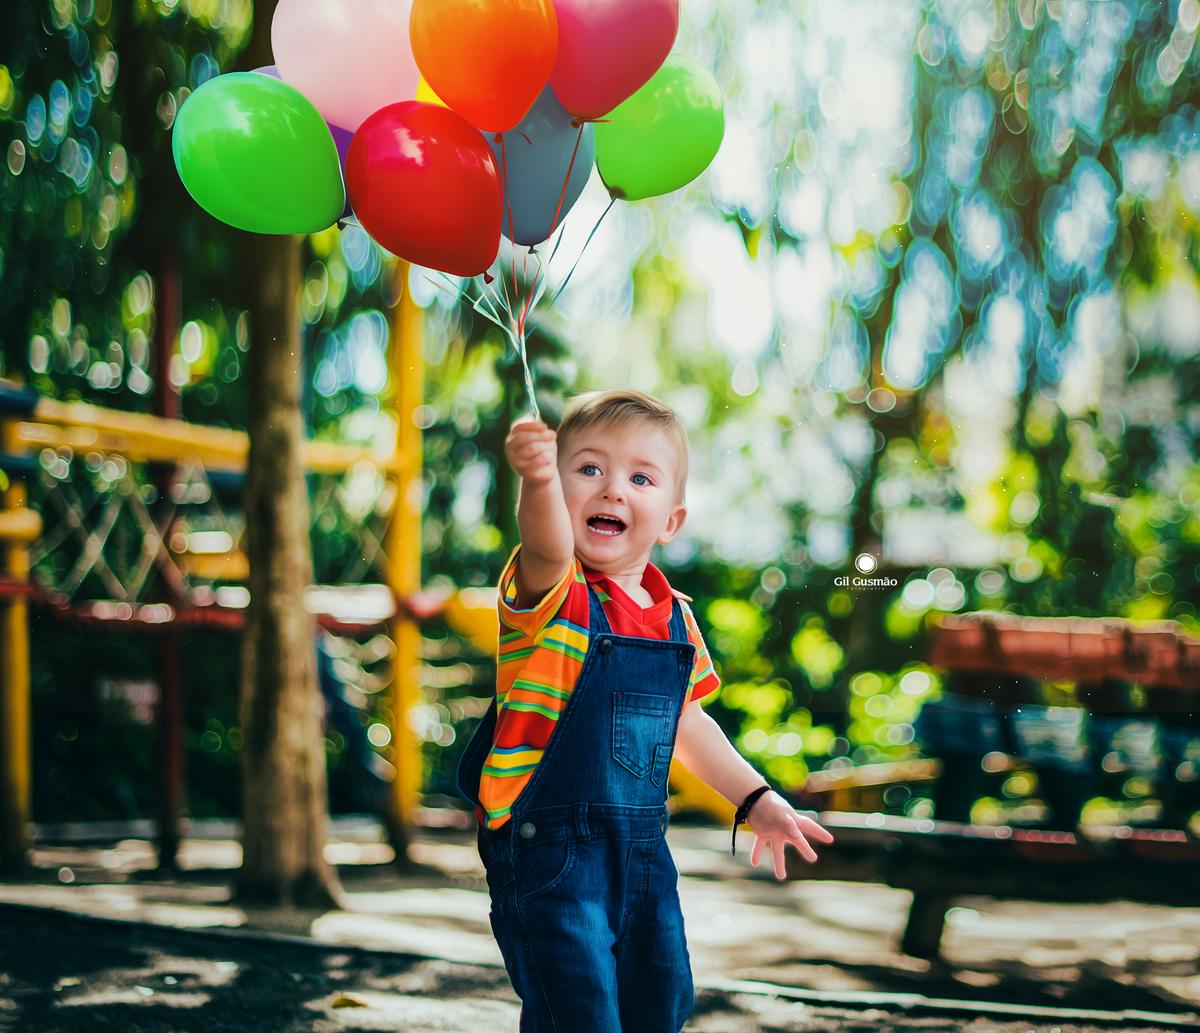 infantil guilherme florianópolispara não perder os momentos mais marcantes da infância, nada melhor que eternizá los em belas imagens por meio de um lindo ensaio fotográfico infantil